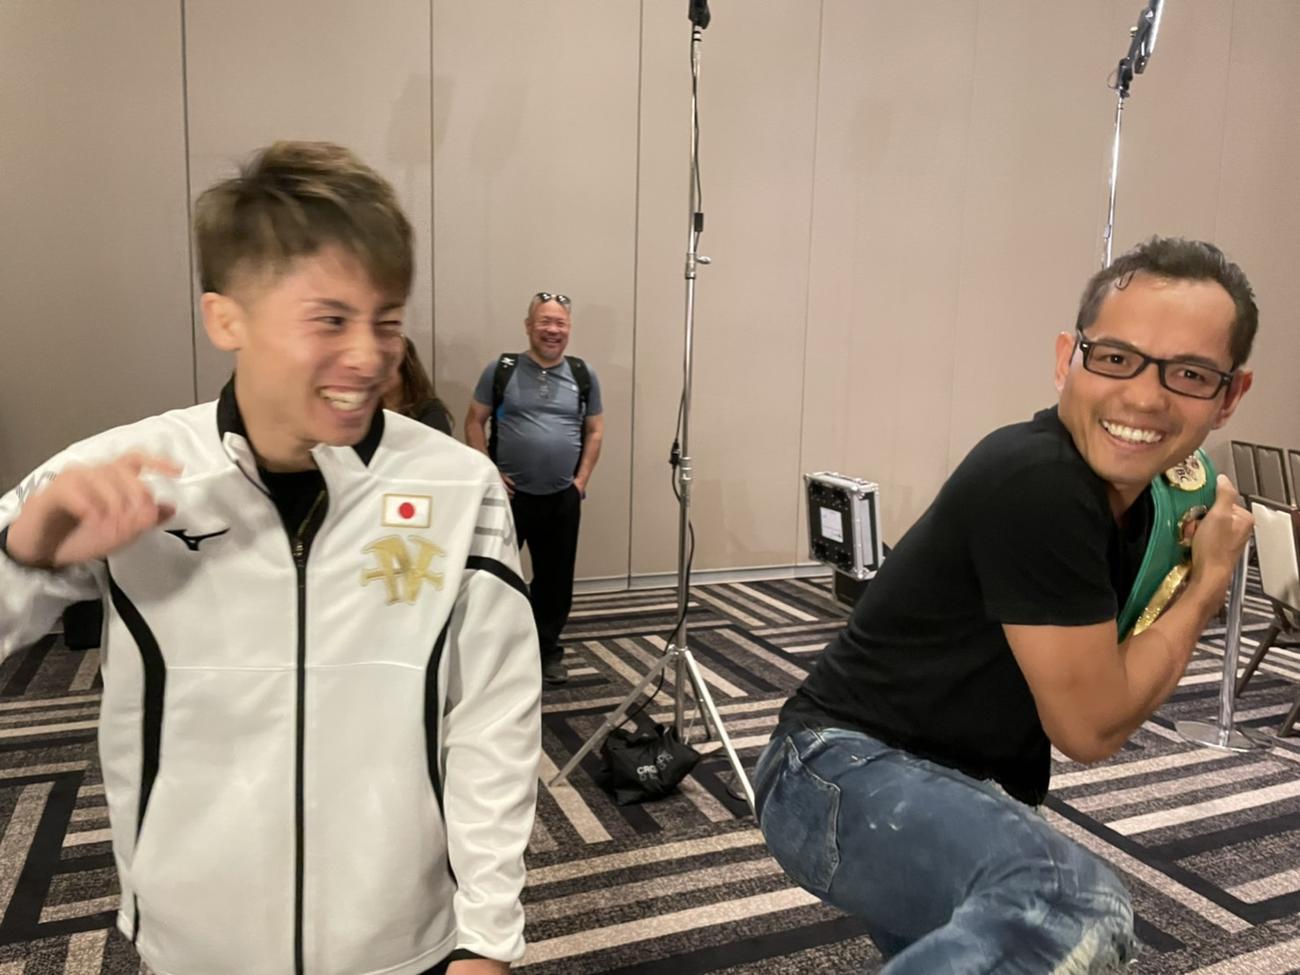 WBCベルトを奪おうするポーズをみせた井上(左)は、ドネアのベルトを隠す動きに笑顔(大橋ジム提供)